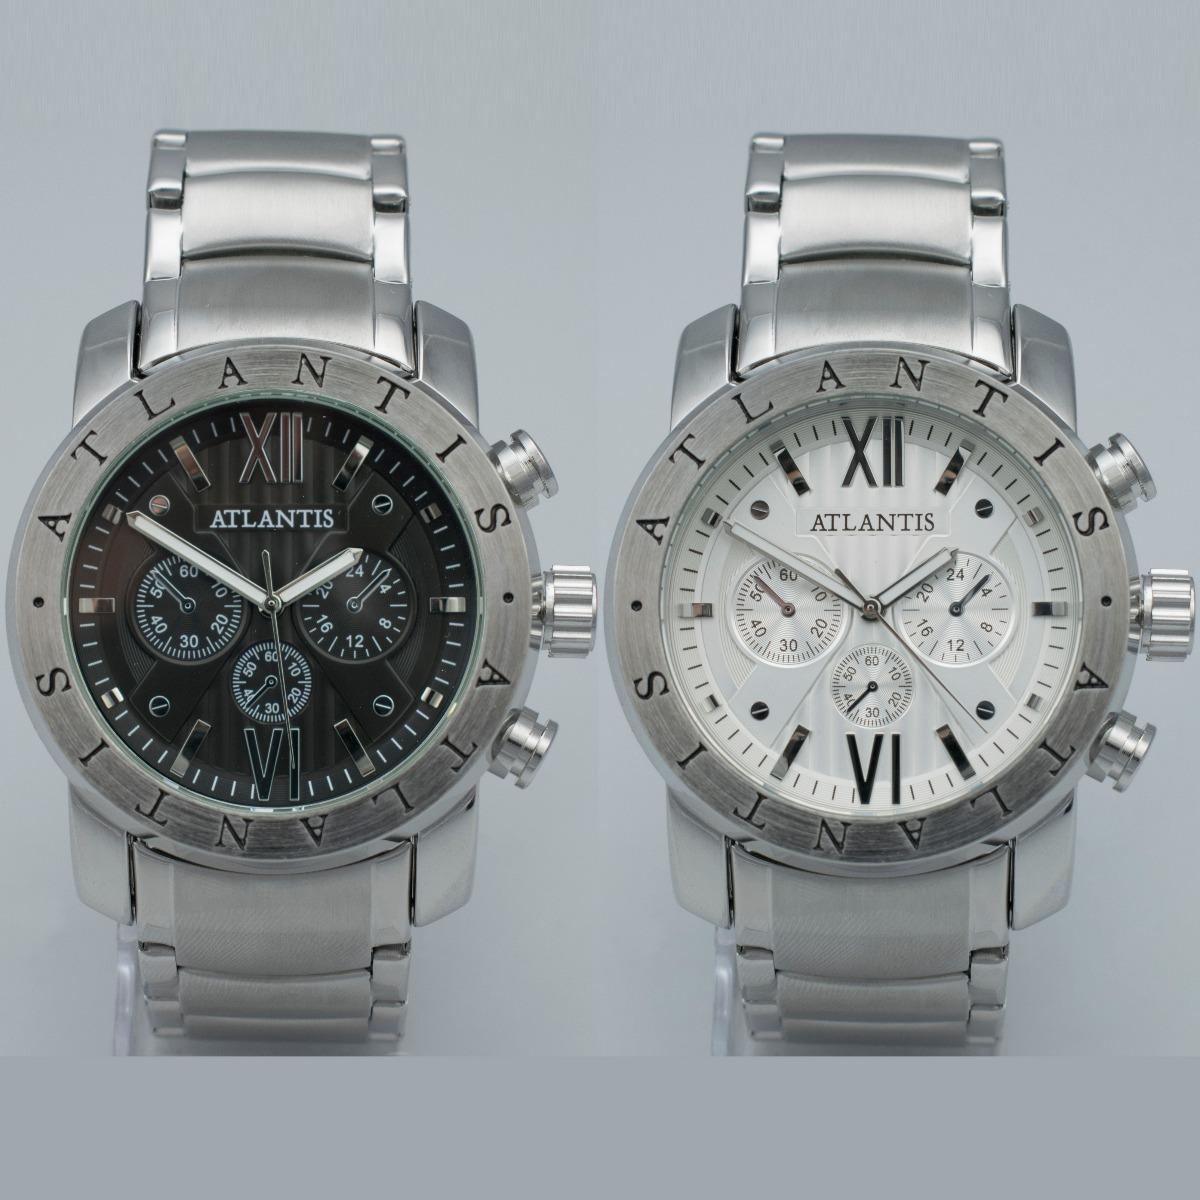 bc35f48b49d relógio atlantis original masculino aço homem prata elite. Carregando zoom.